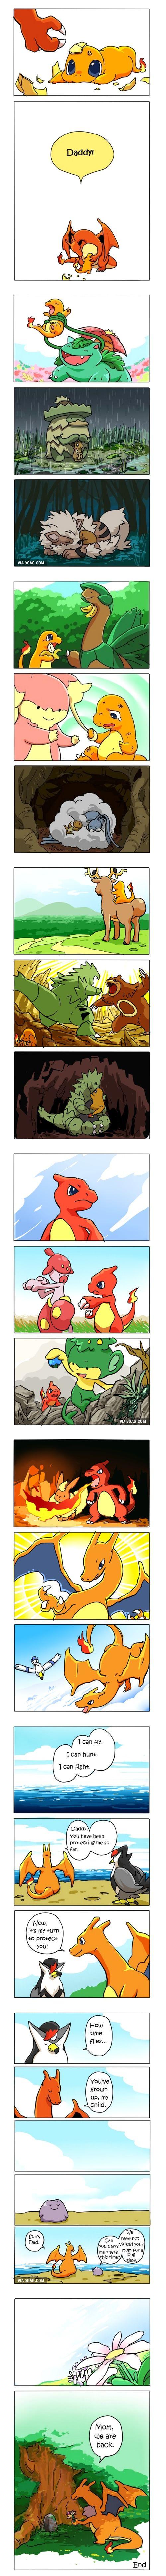 Pokémon #story